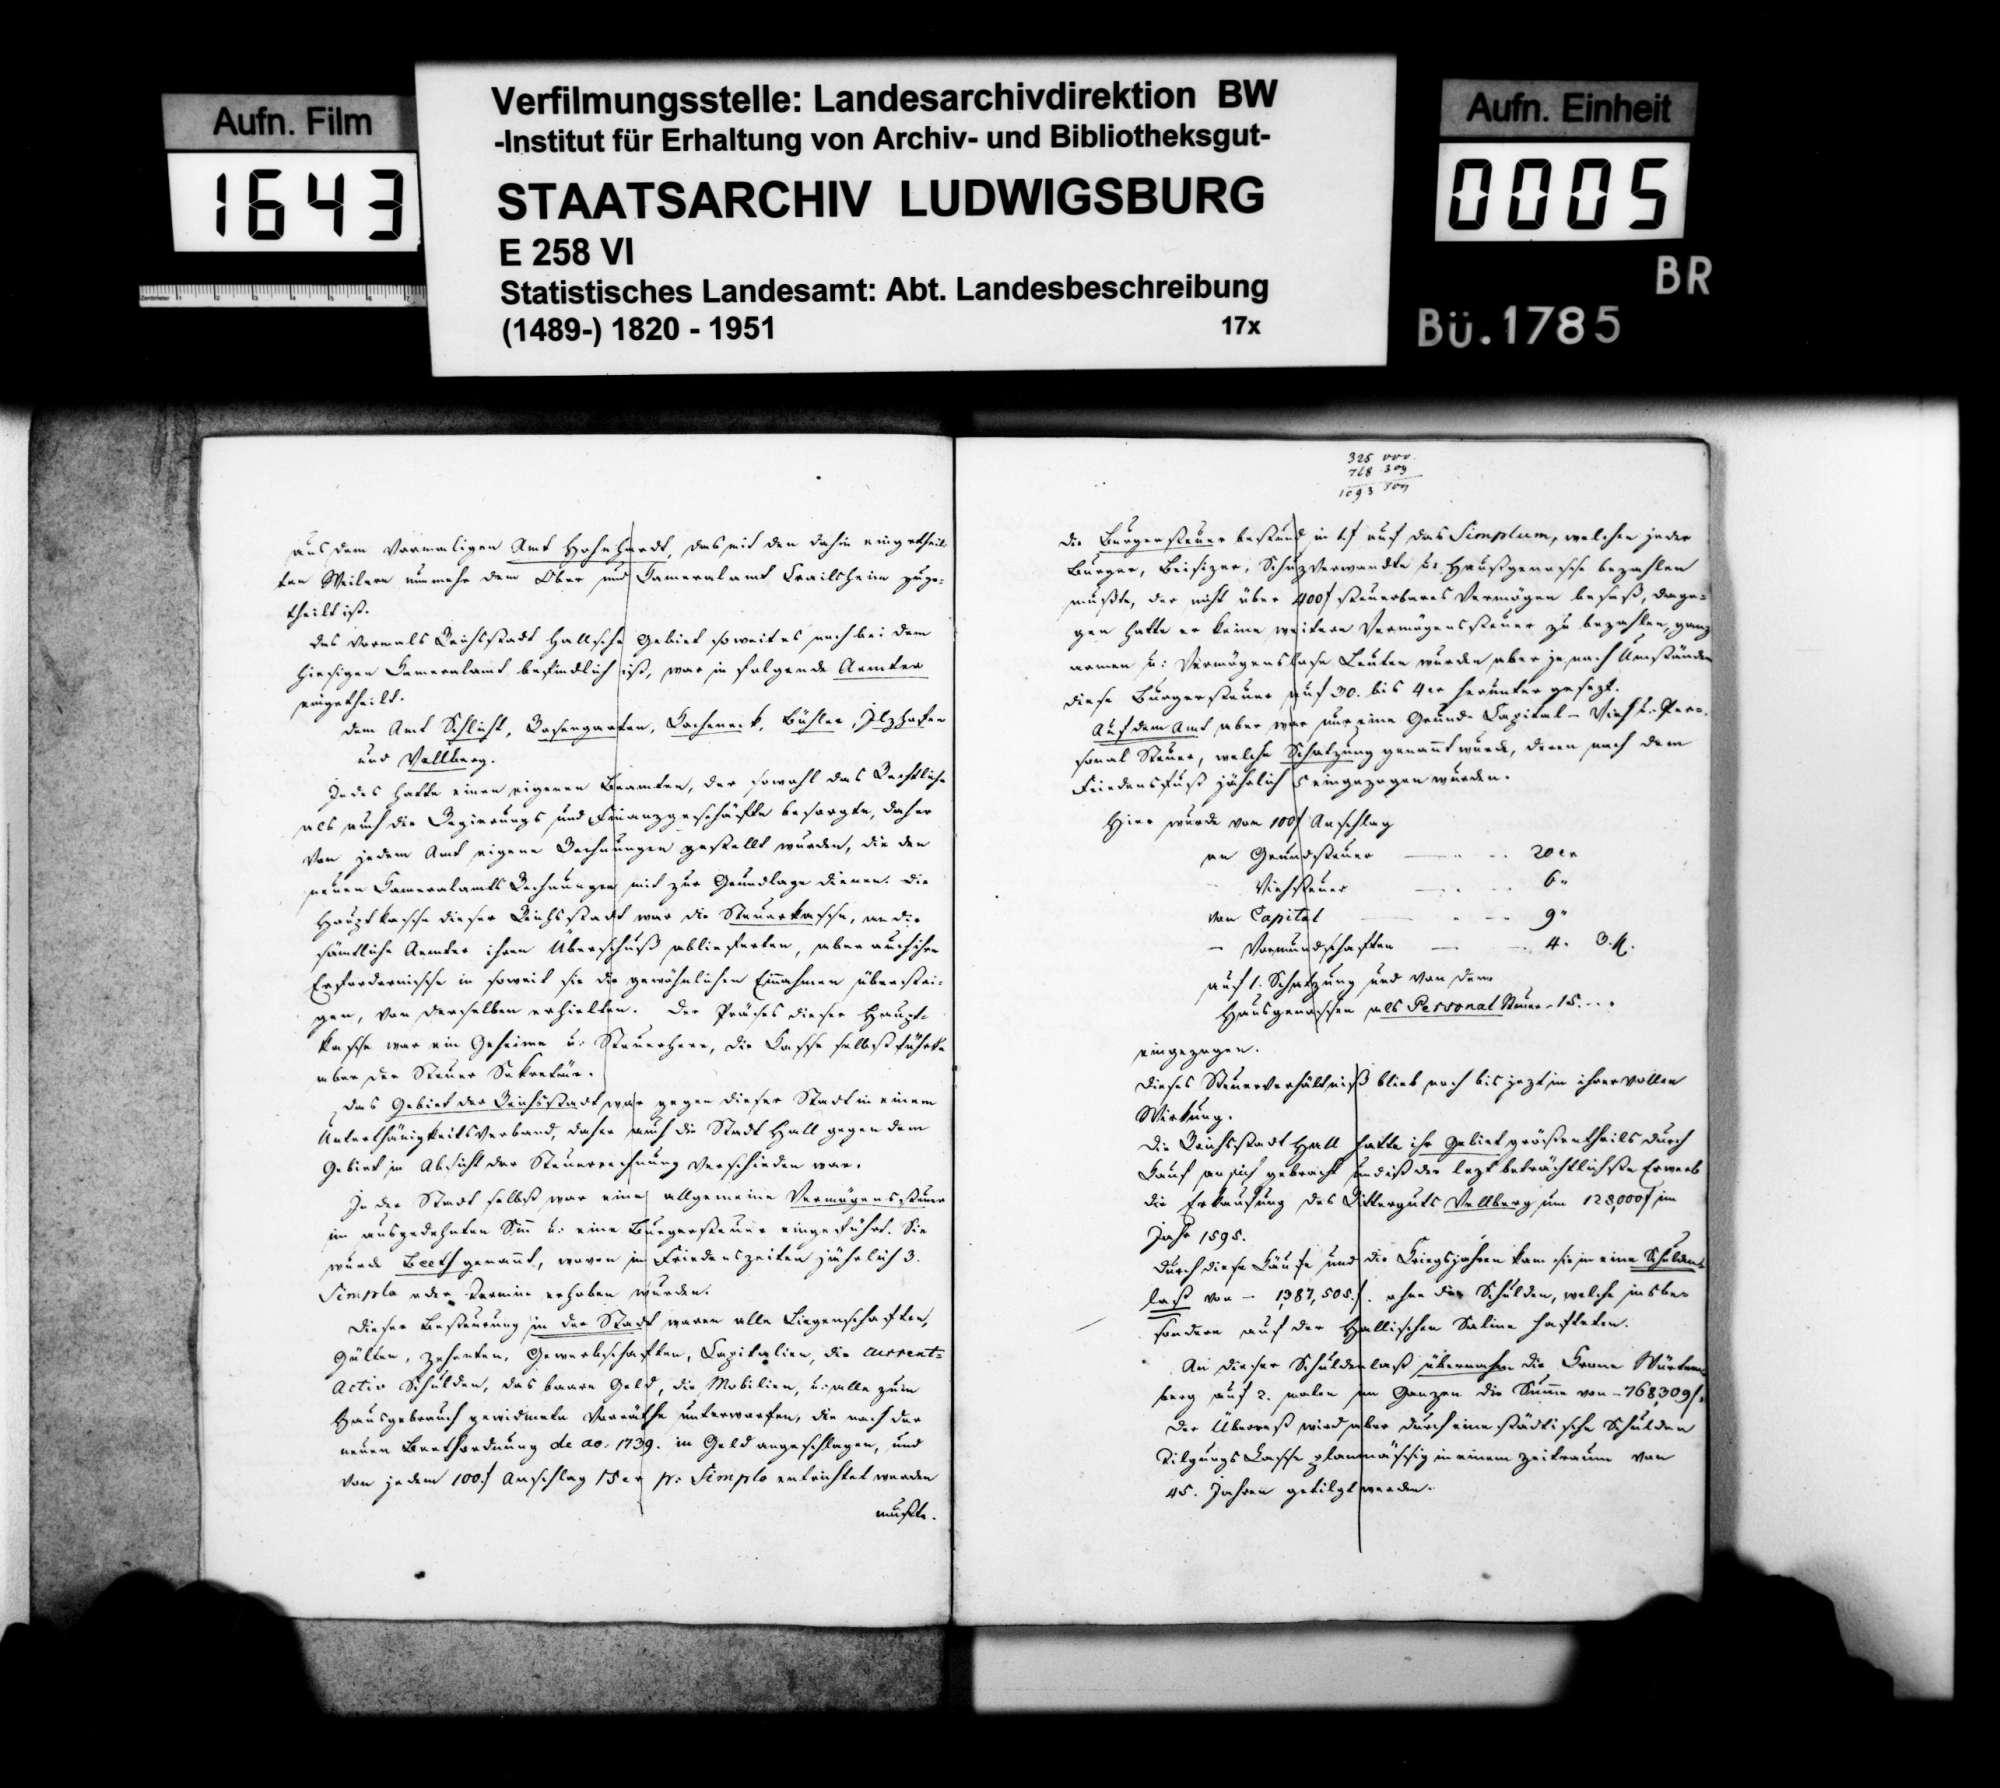 Auszüge aus Heft I des Kameralamtsgrundbuchs Hall von 1819 mit grundlegenden Daten zum Oberamt, Bild 3